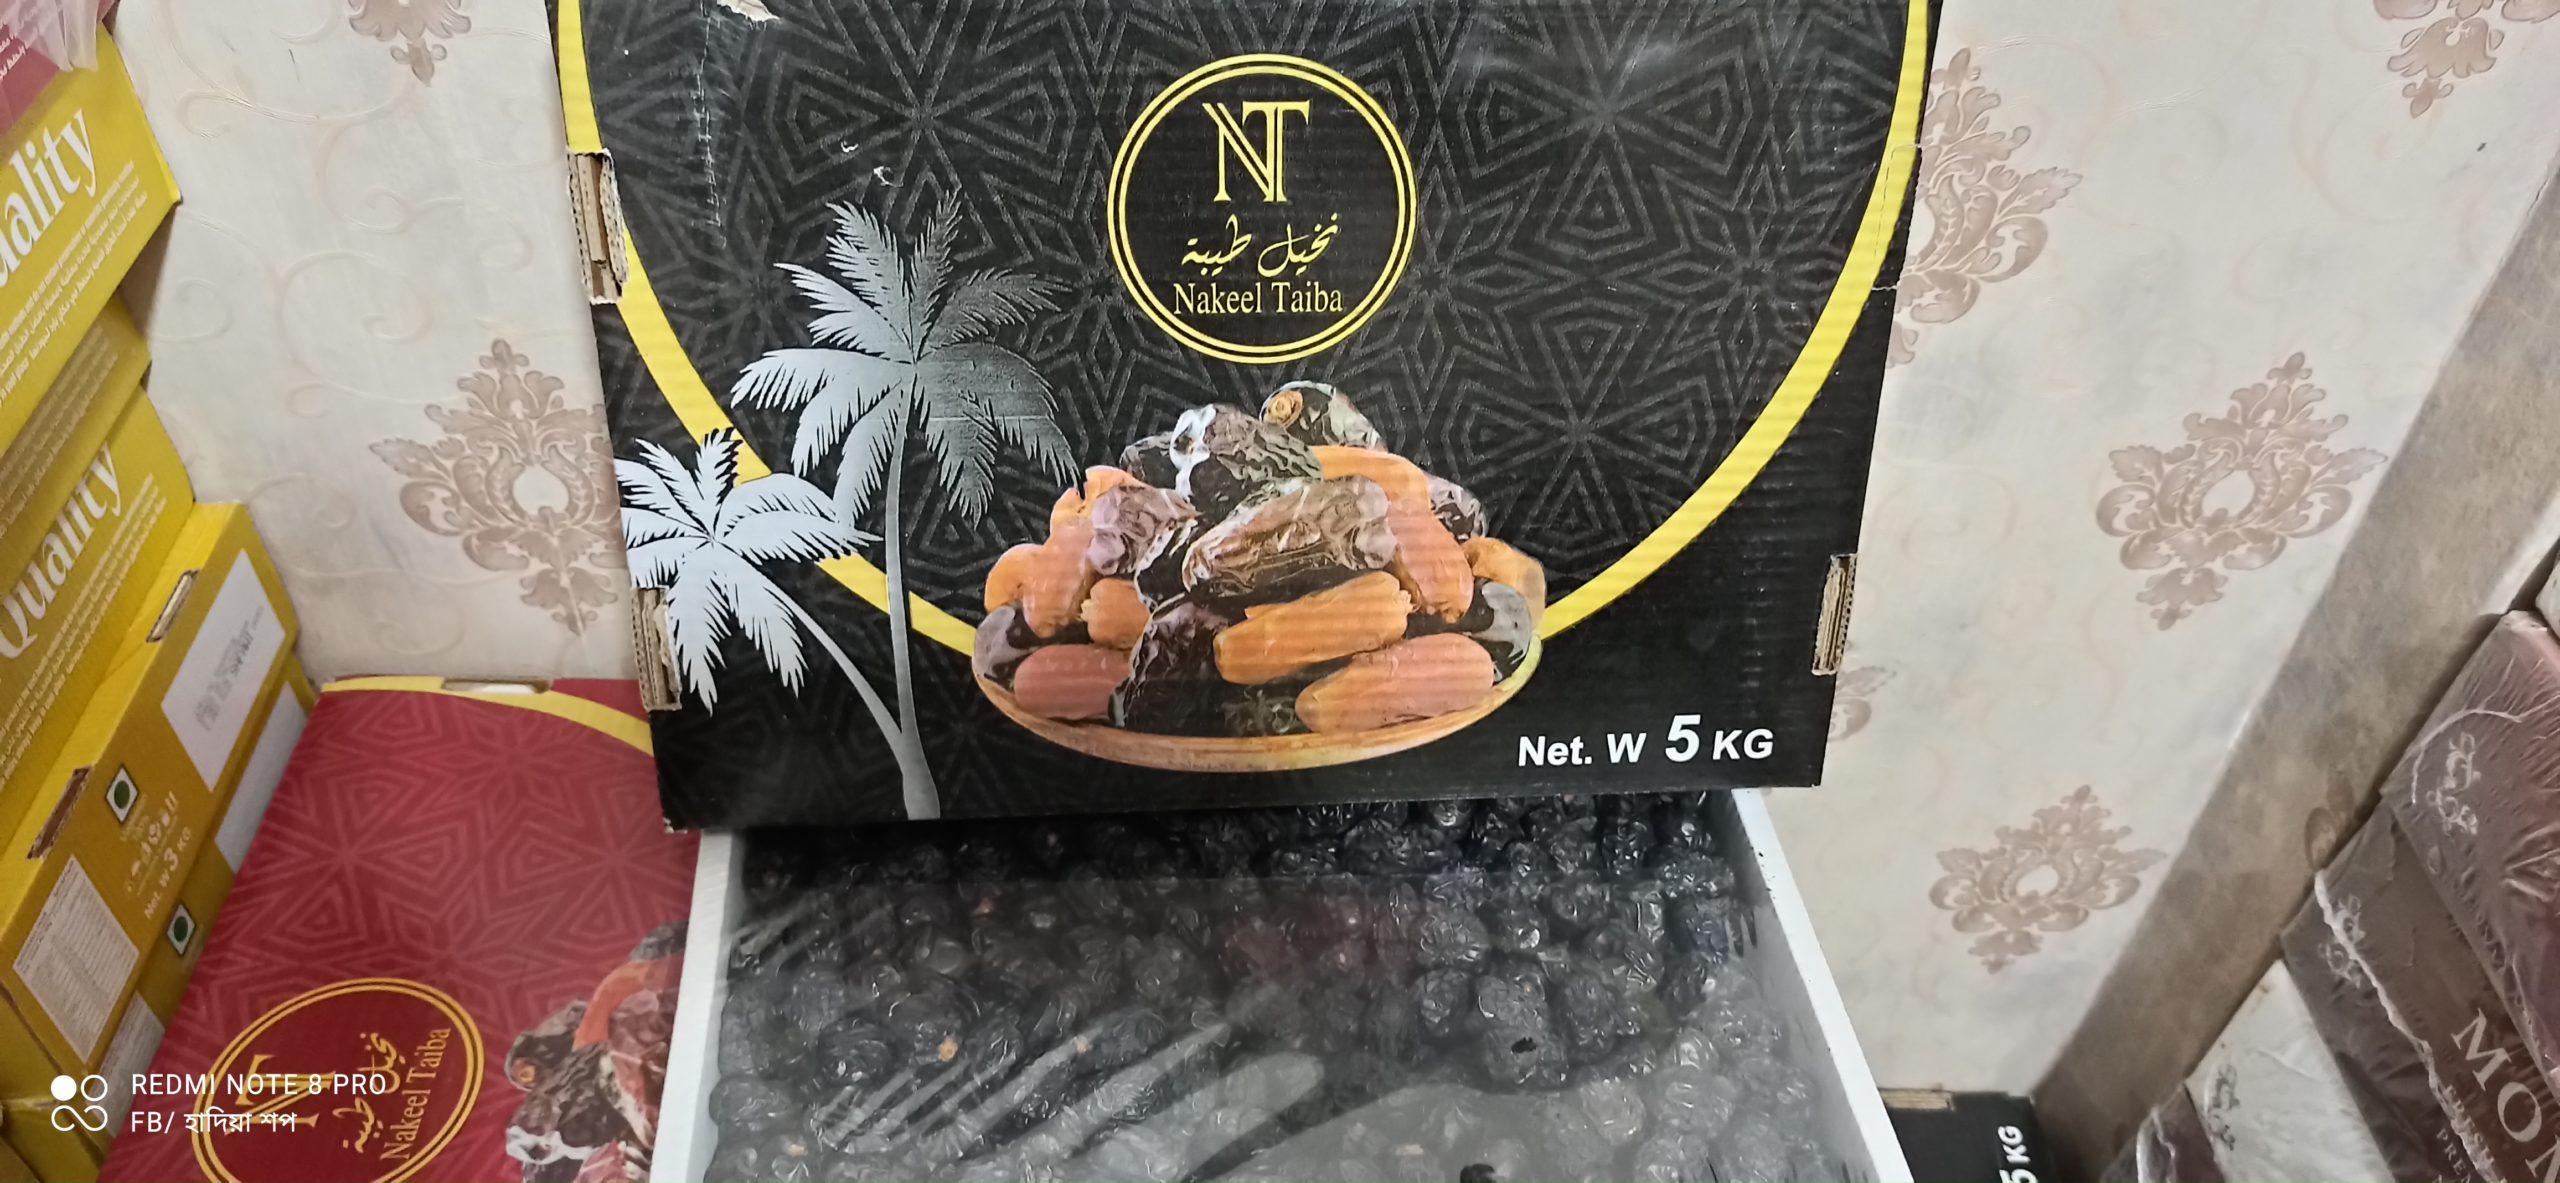 নাখিল তাইয়্যেবার ৩ কেজি আজওয়া খেজুরের পাইকারী মূল্যনাখিল তাইয়্যেবার ৩ কেজি আজওয়া খেজুরের পাইকারী মূল্য